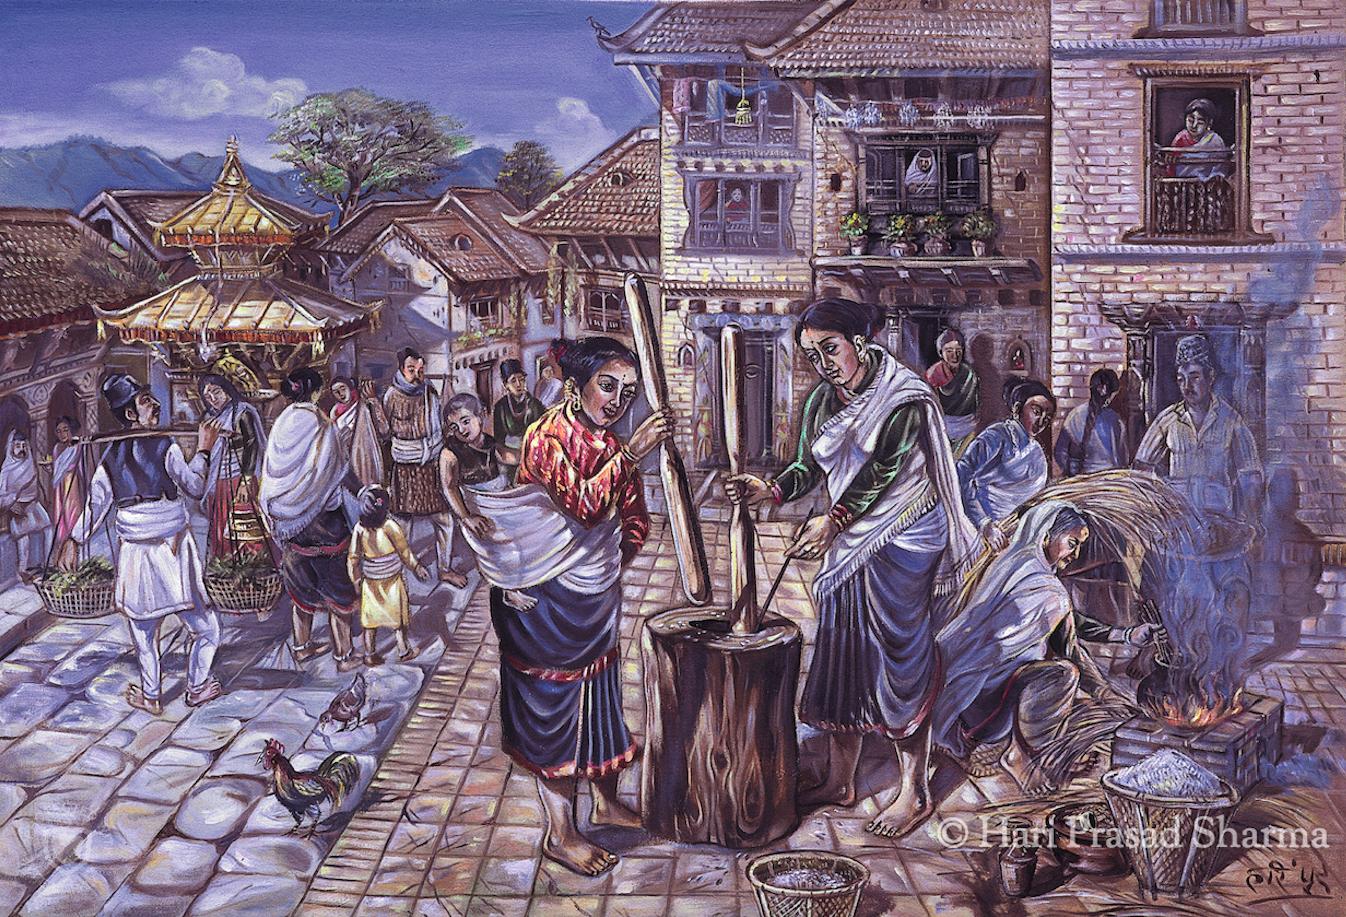 Threshing beaten rice in Okhal